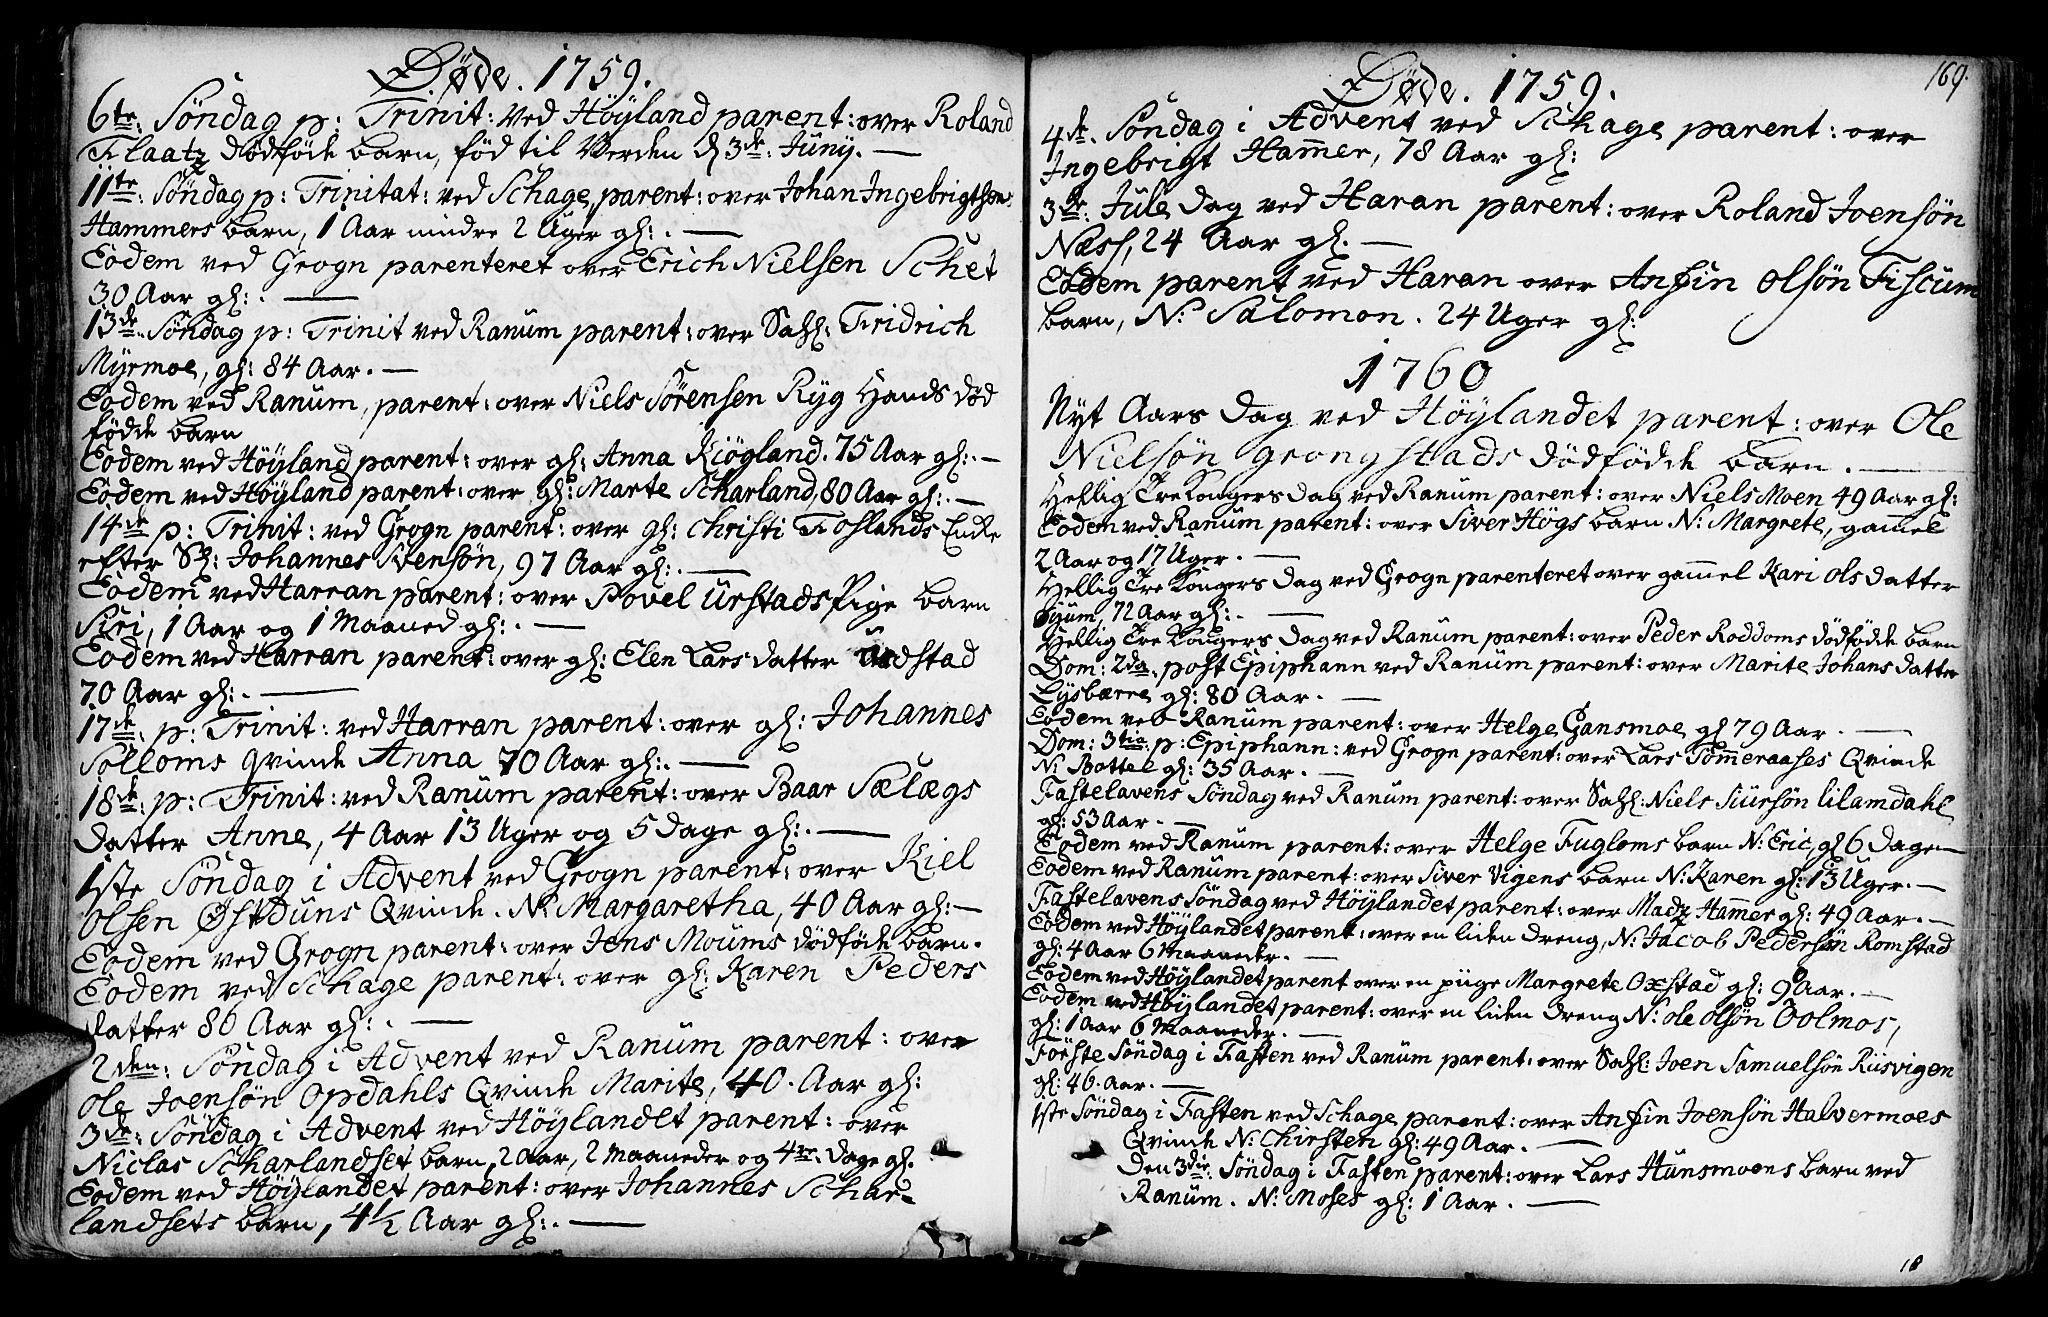 SAT, Ministerialprotokoller, klokkerbøker og fødselsregistre - Nord-Trøndelag, 764/L0542: Ministerialbok nr. 764A02, 1748-1779, s. 169